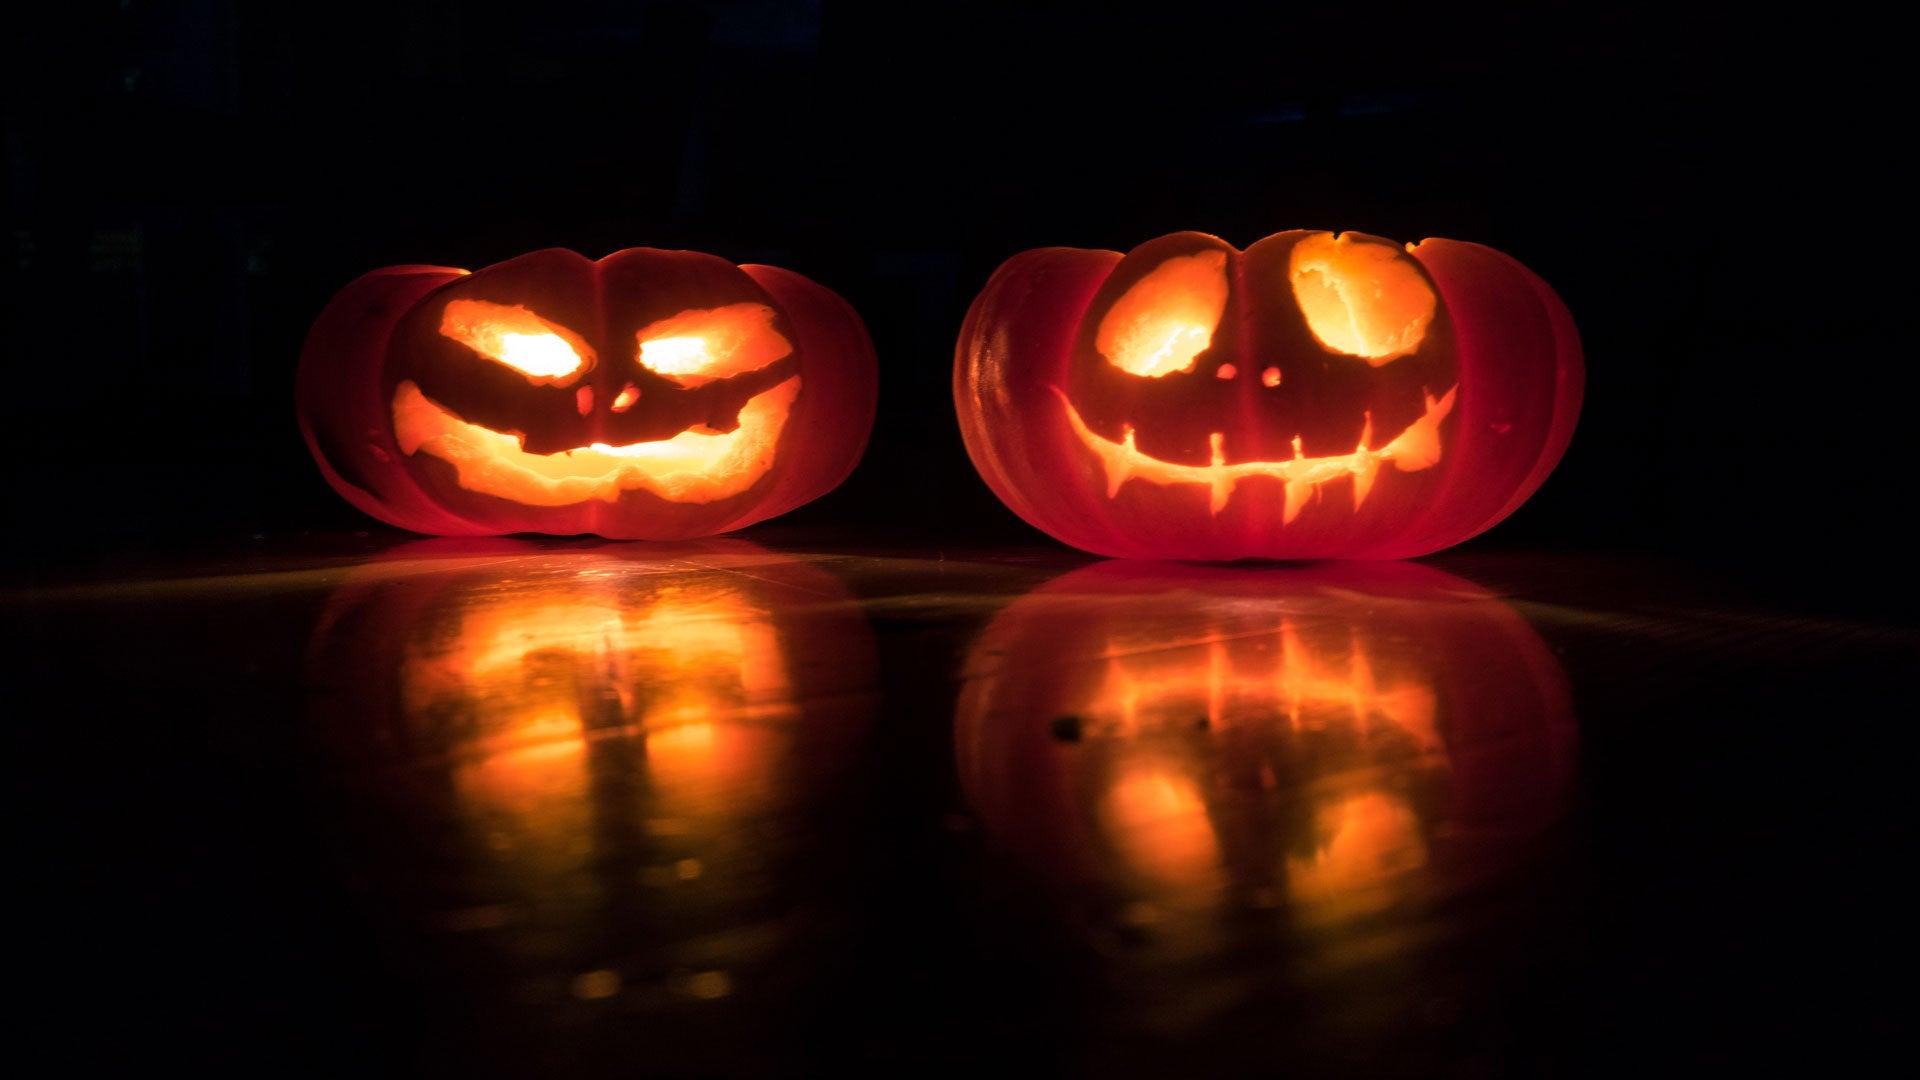 Achat Citrouille Halloween.Pourquoi La Citrouille Est Elle Le Symbole D Halloween The Weather Channel Articles From The Weather Channel Weather Com